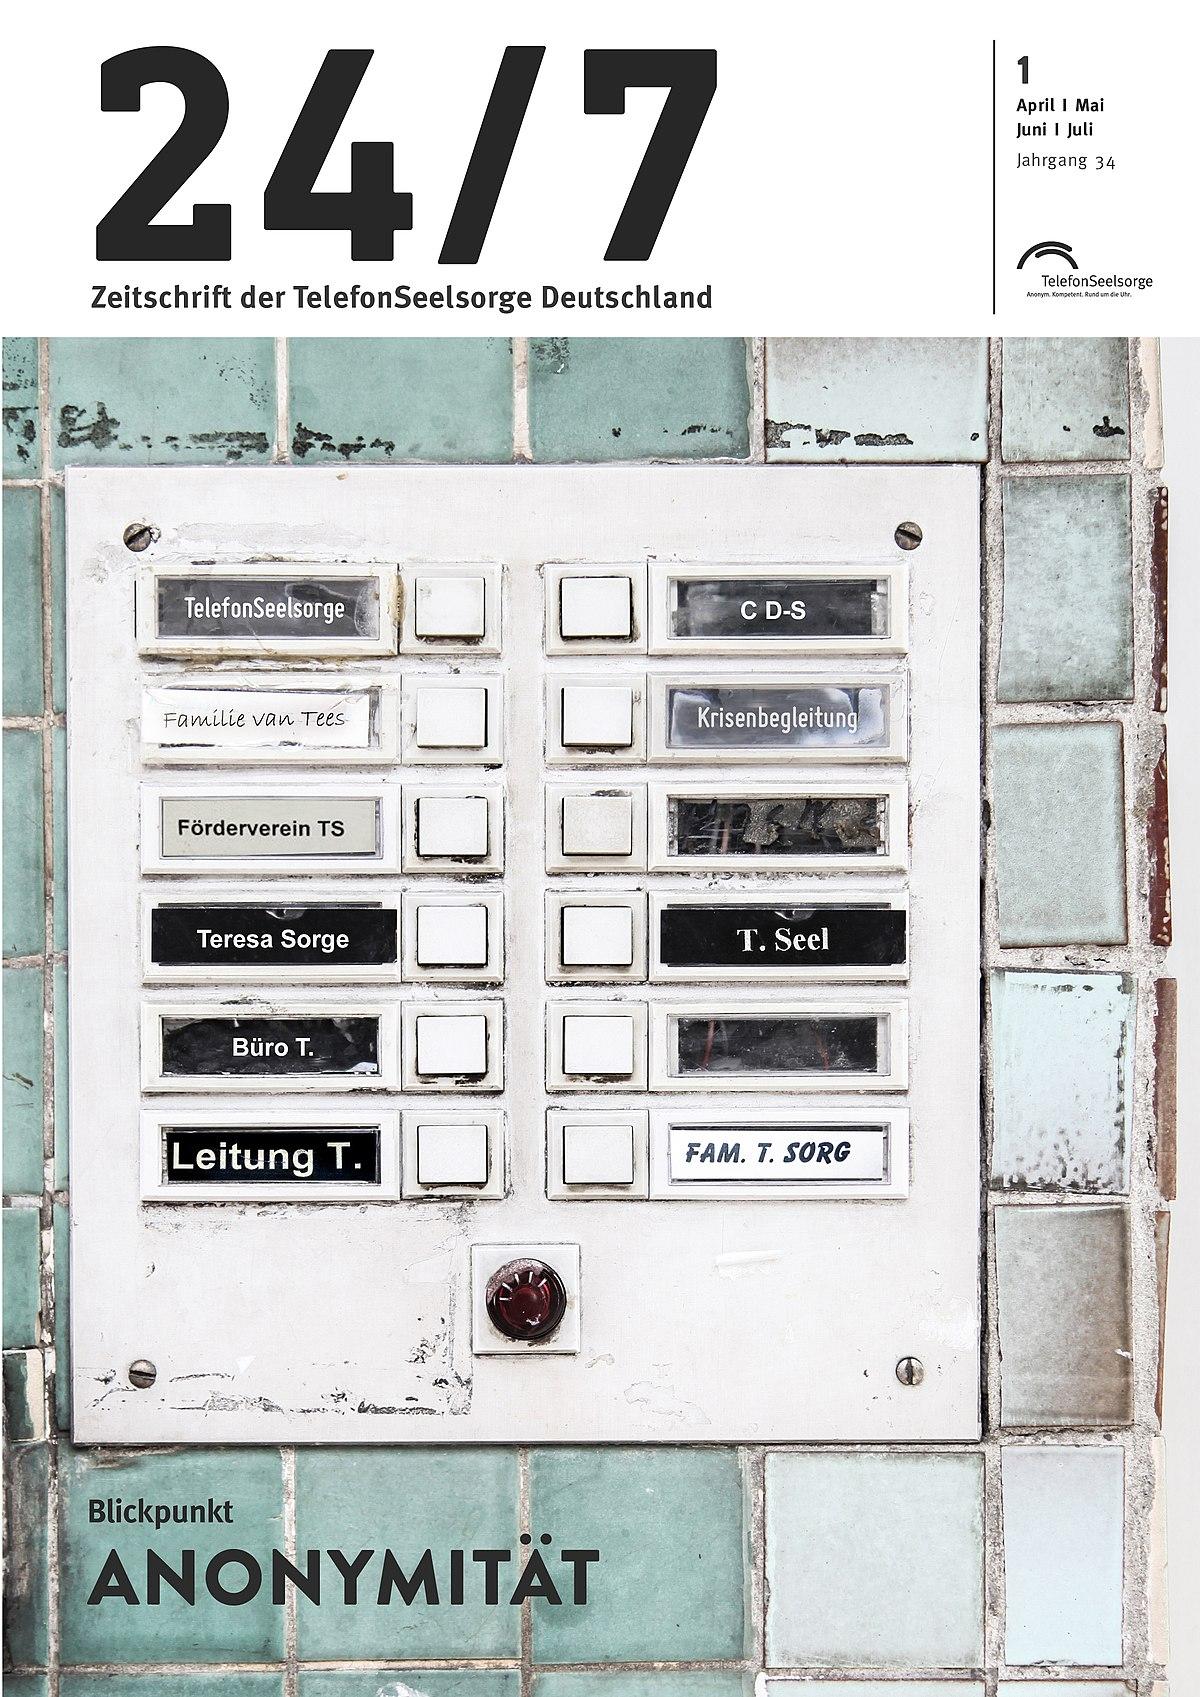 Telefonseelsorge Deutschland